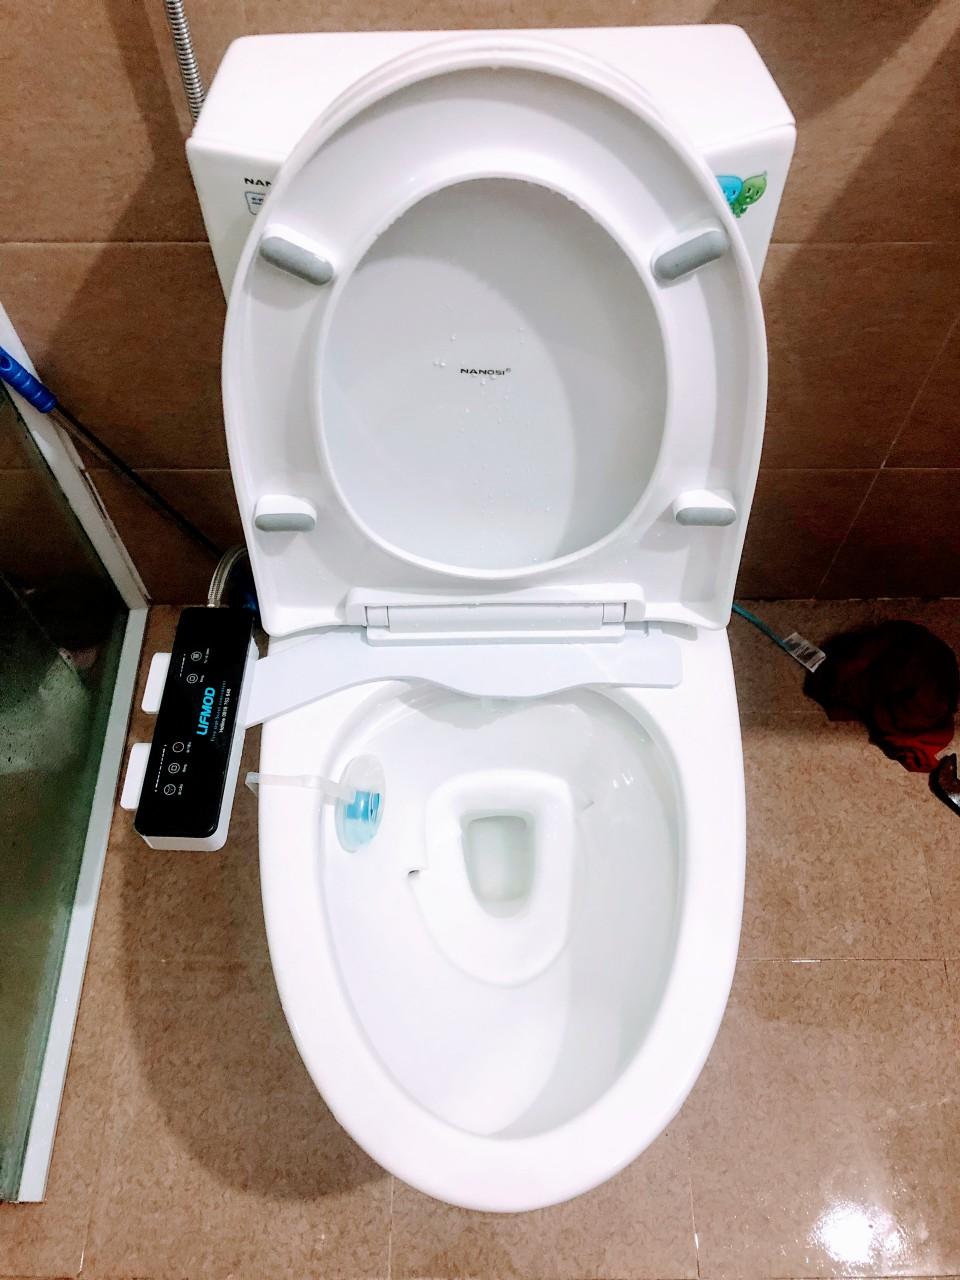 2 Vòi xịt vệ sinh thông minh cao cấp có nước ấm Super Deluxe Bidet